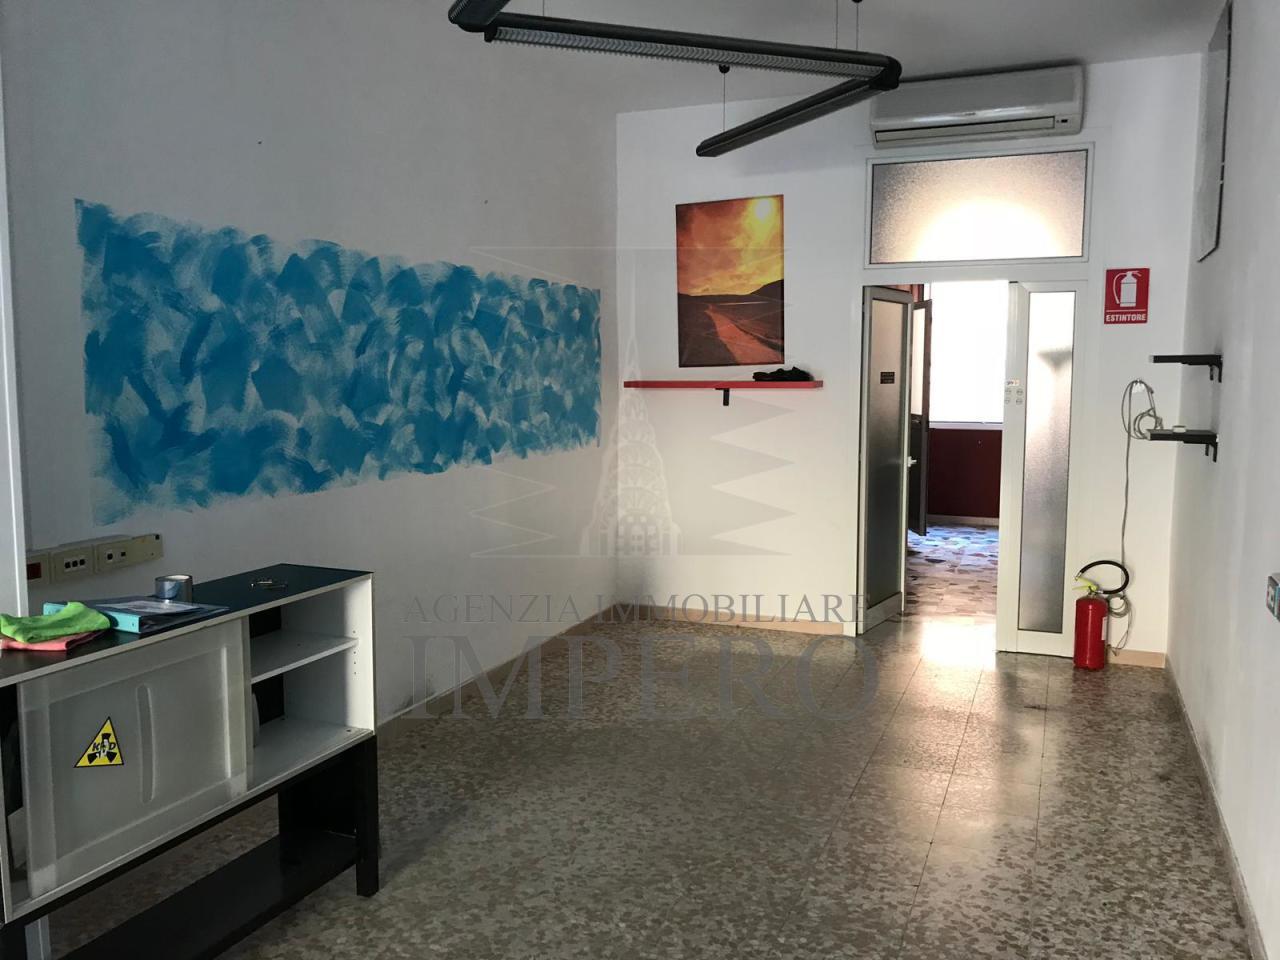 Attività / Licenza in affitto a Ventimiglia, 2 locali, prezzo € 700 | CambioCasa.it